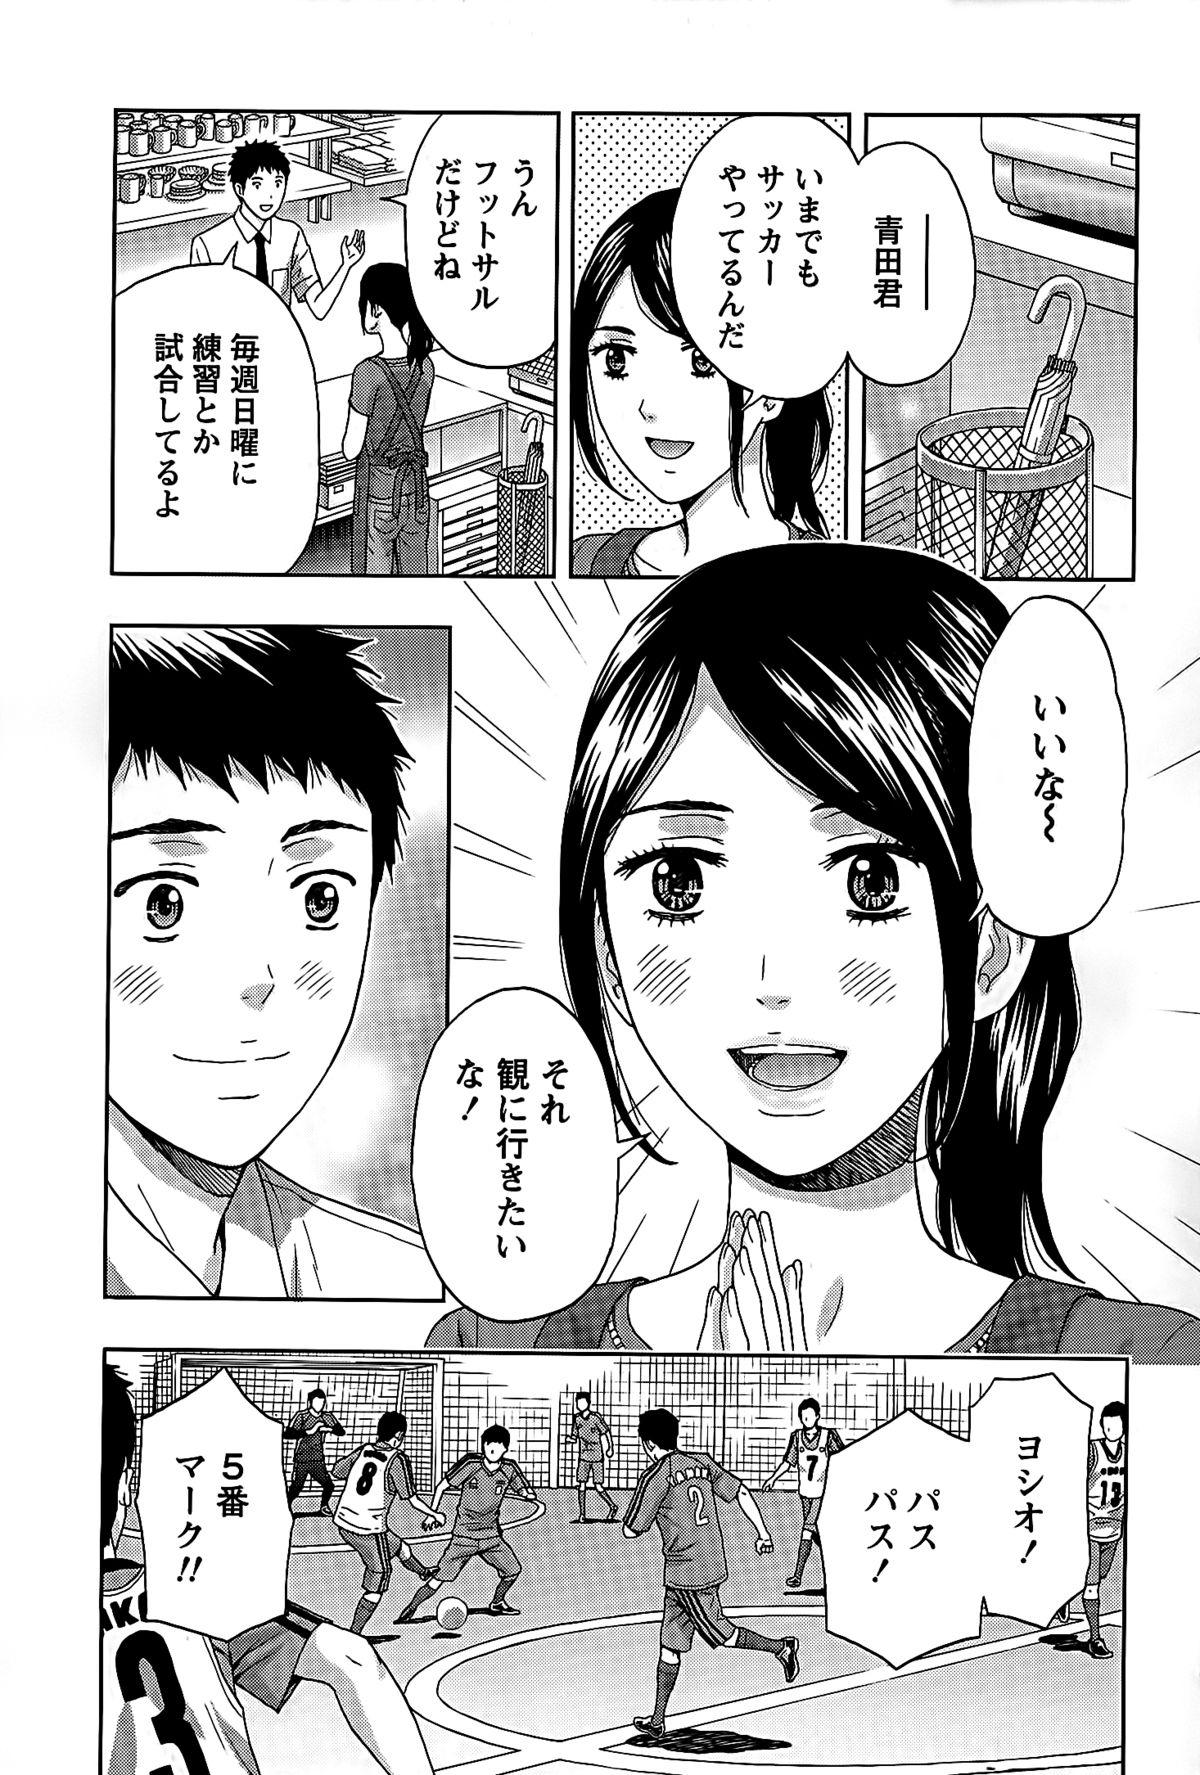 Shittori Lady to Amai Mitsu 131